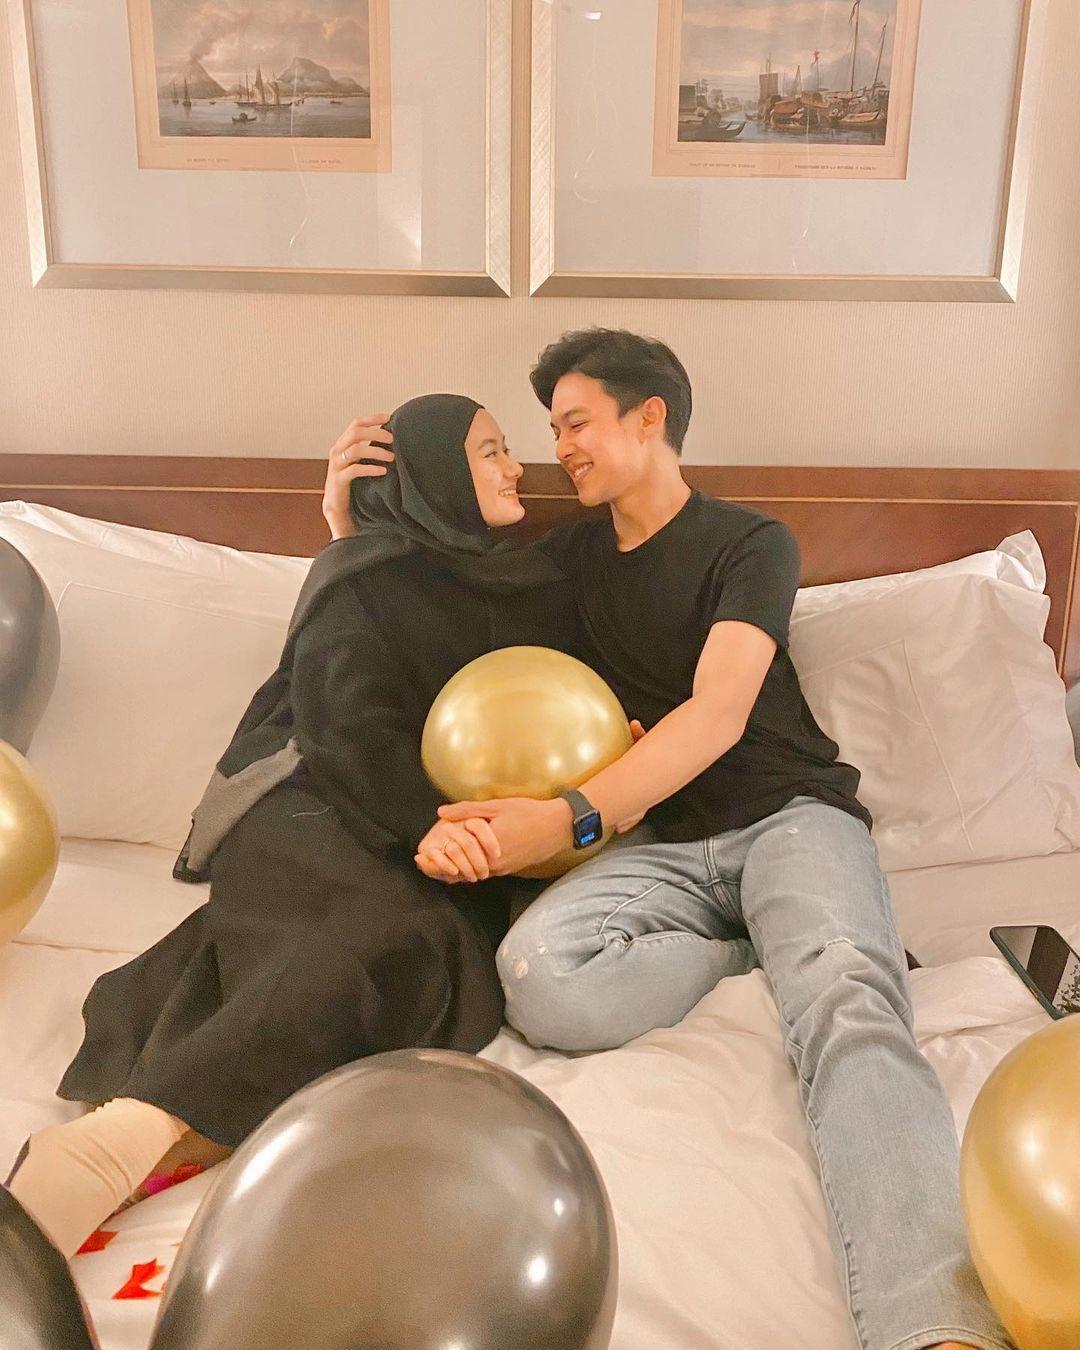 Intip Gaya Romantis Dinda Hauw & Suami, Makin Sering Pamer Kemesraan!